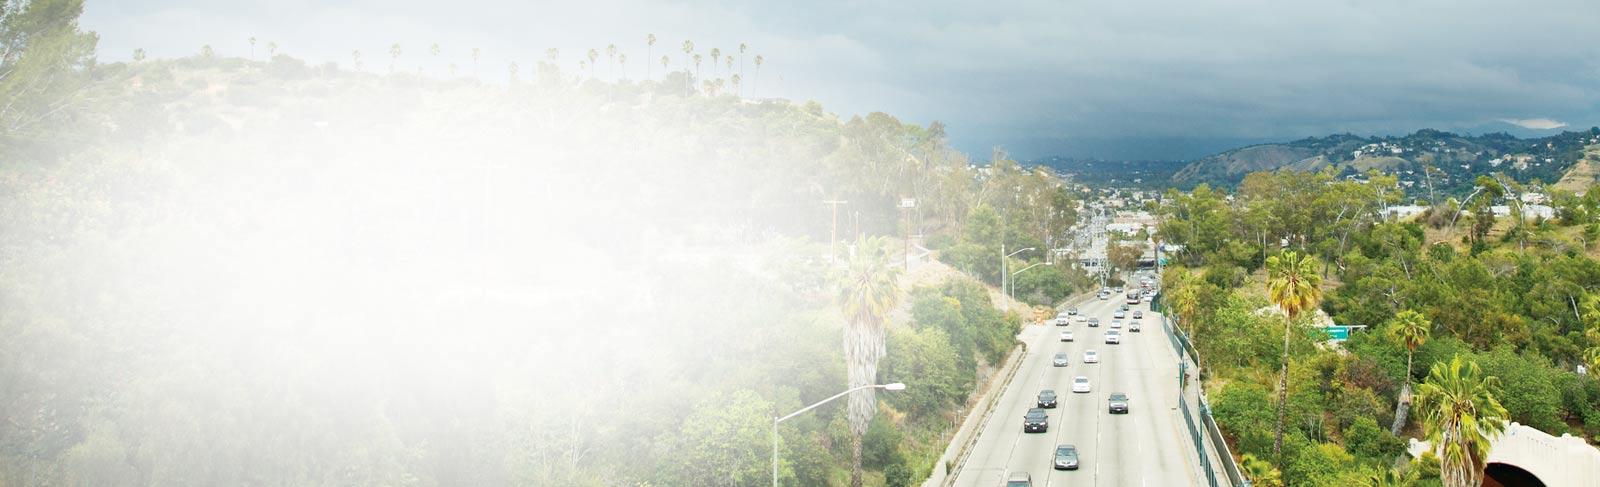 किसी शहर की ओर ले जाता एक हाइवे. विश्व भर की SharePoint 2013 ग्राहक कहानियाँ पढ़ें.